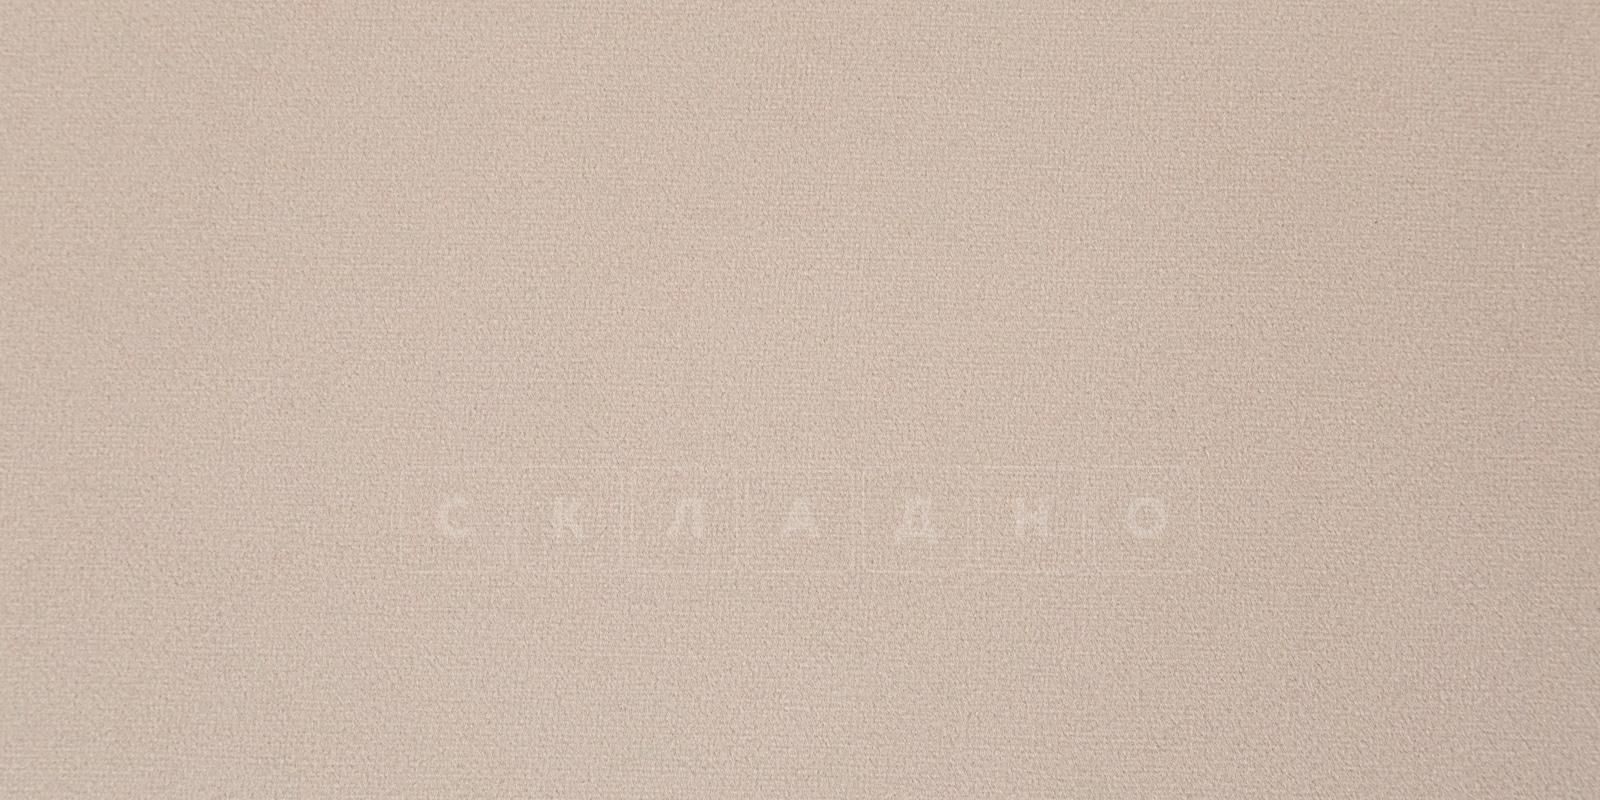 Диван угловой Бристоль велюр бежевый правый угол фото 8 | интернет-магазин Складно